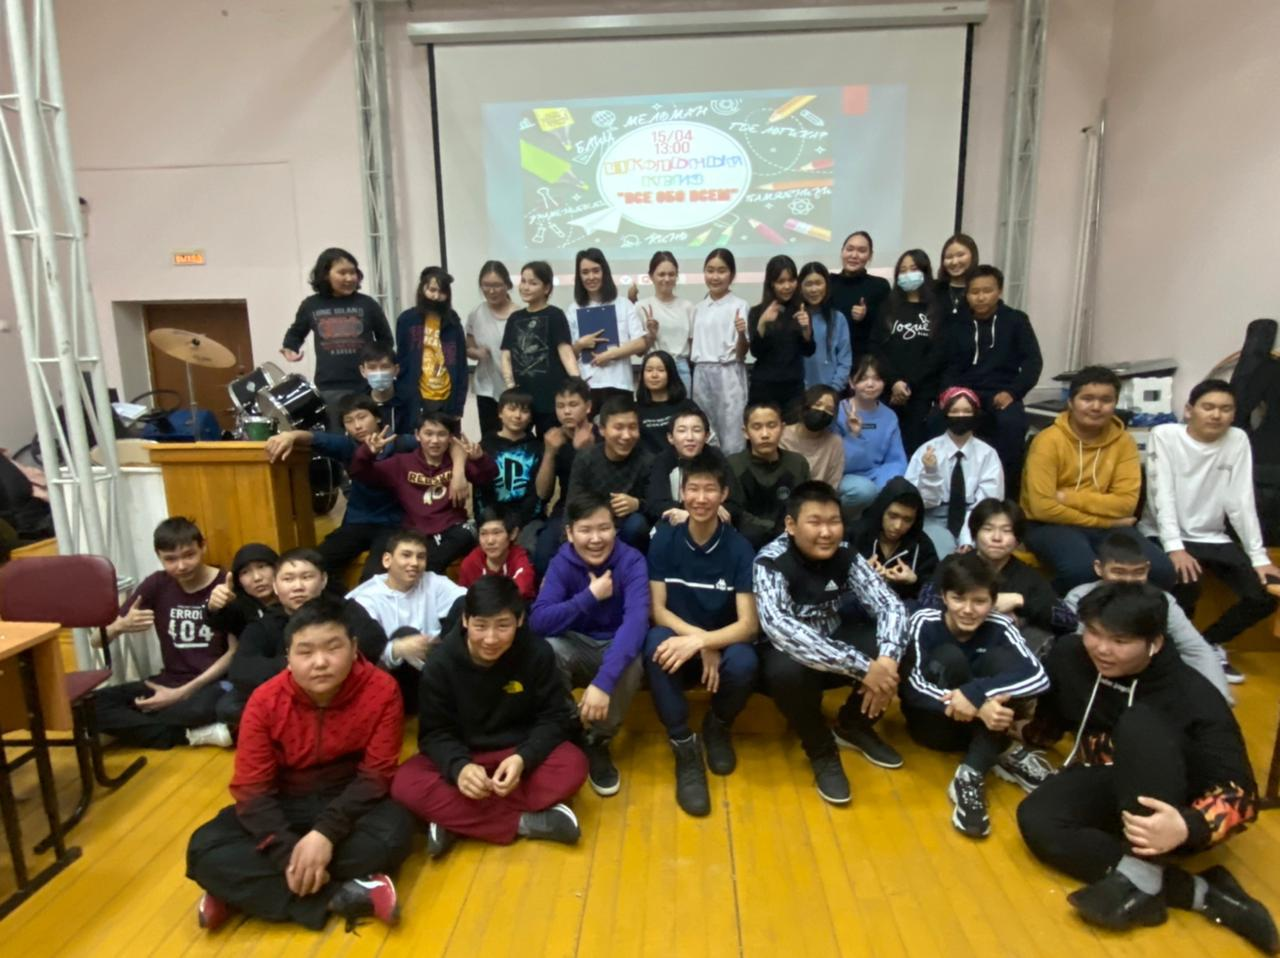 КВИЗ «Все обо всем» для учащихся 8 класса